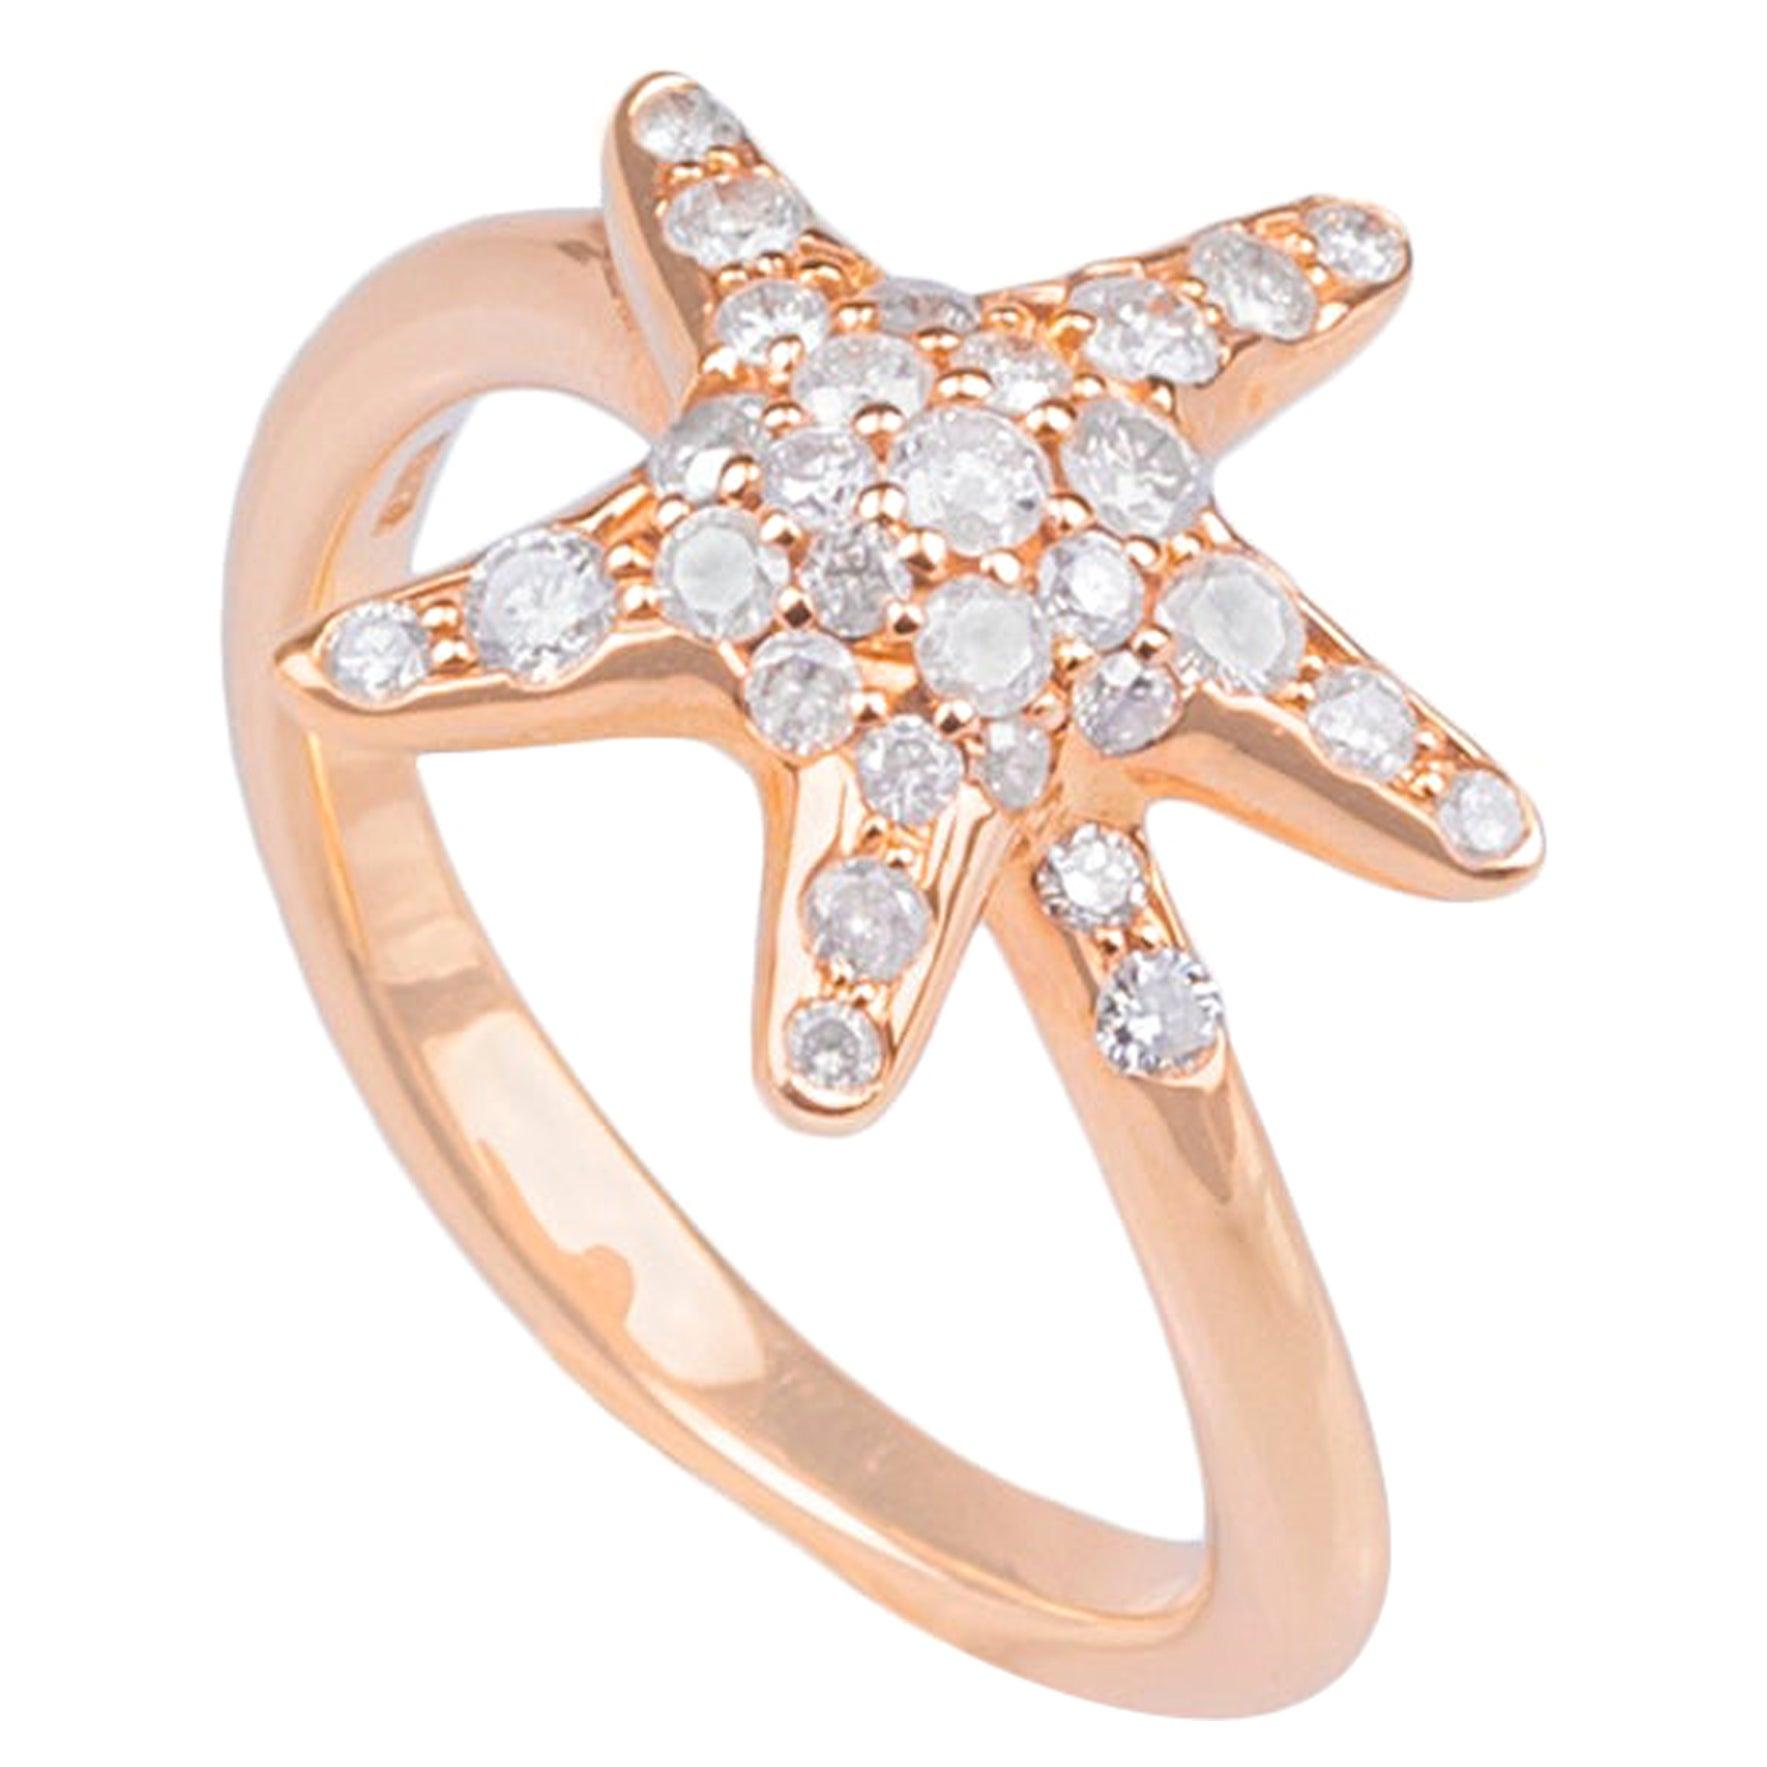 18k Rose Gold and Diamond Starfish Ring